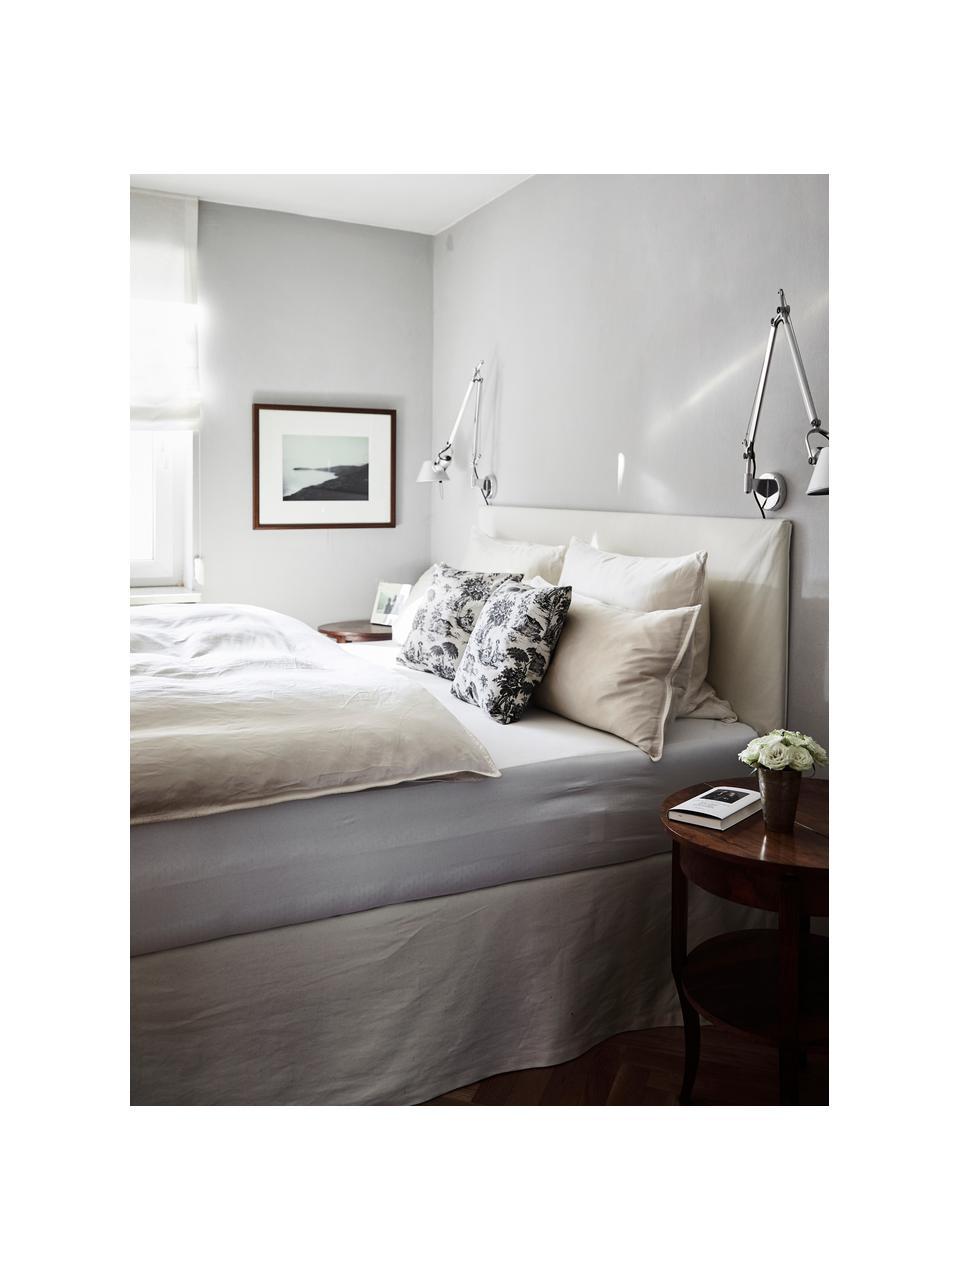 Łóżko tapicerowane z miejscem do przechowywania Feather, Korpus: lite drewno sosnowe i pły, Tapicerka: poliester (tkanina strukt, Ecru, S 180 x D 200 cm